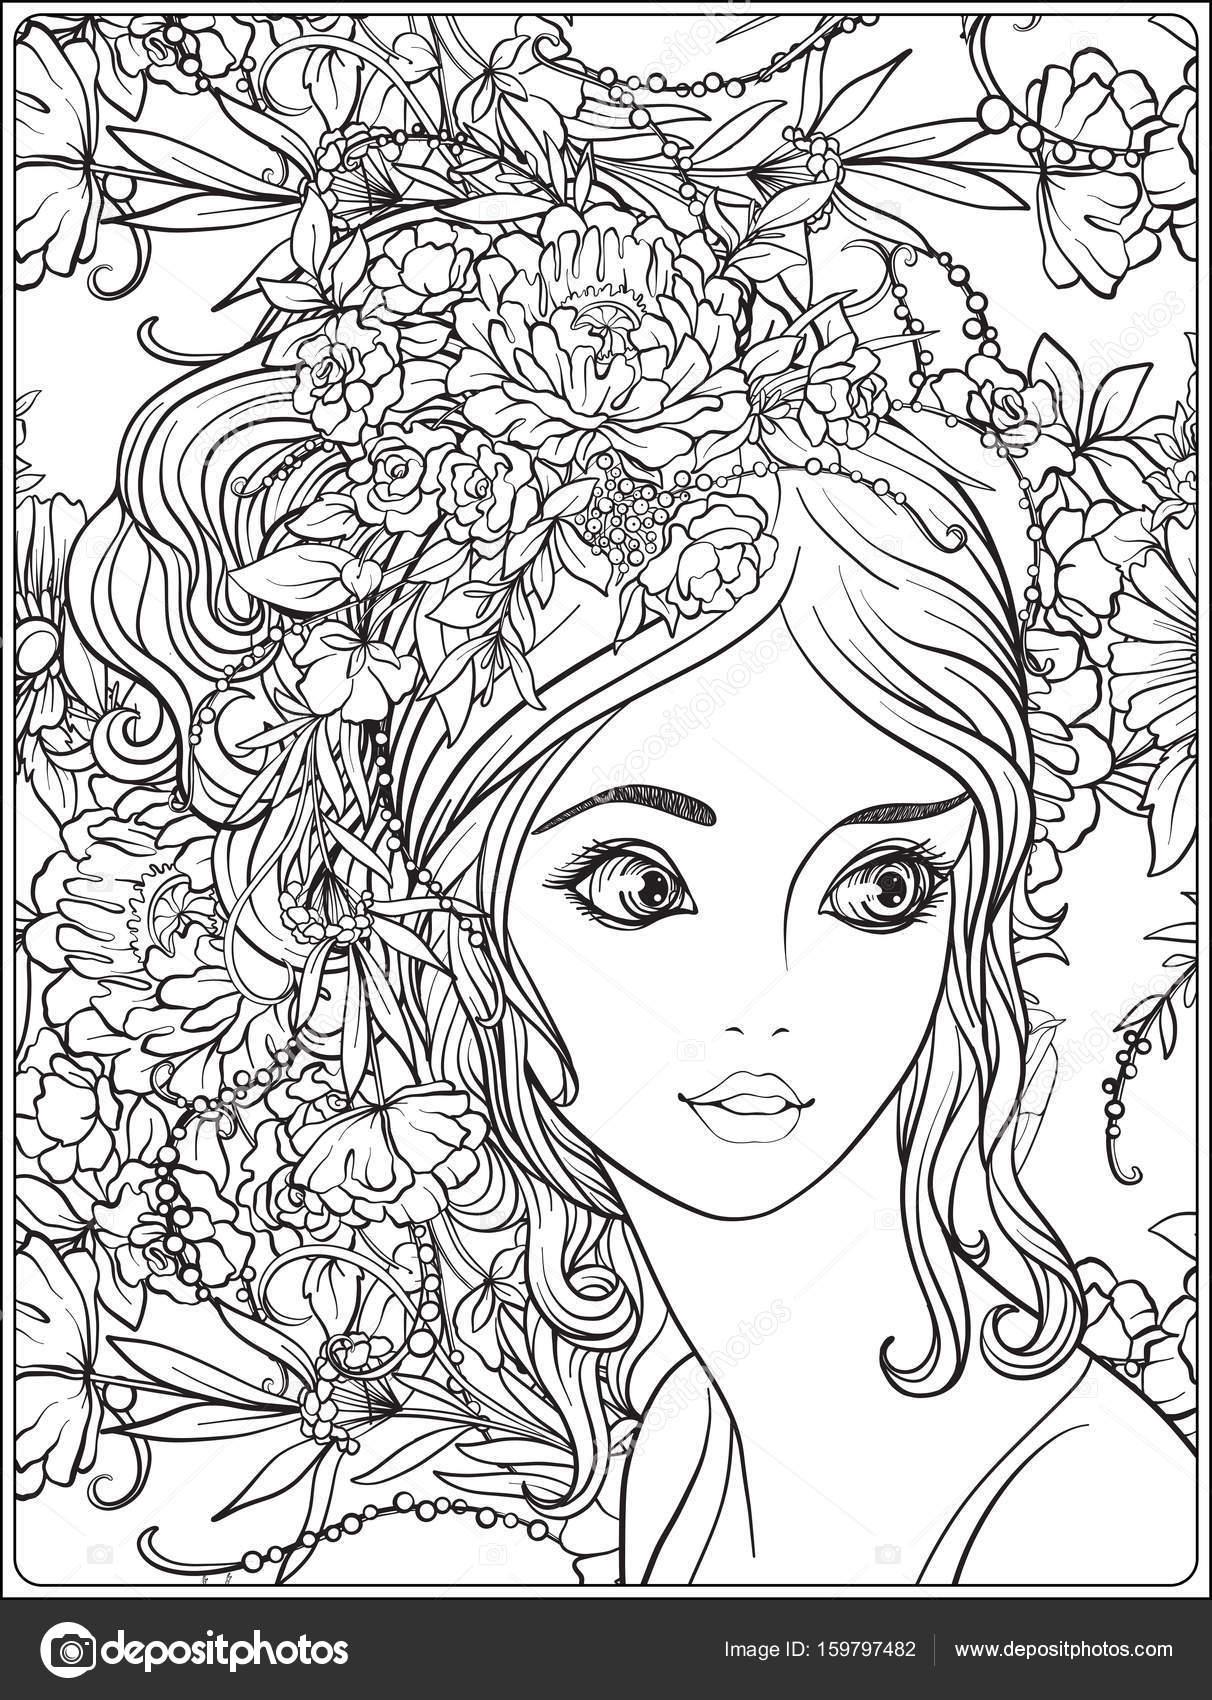 Eine junge schöne Mädchen mit einem Kranz von Blumen auf dem Kopf ...